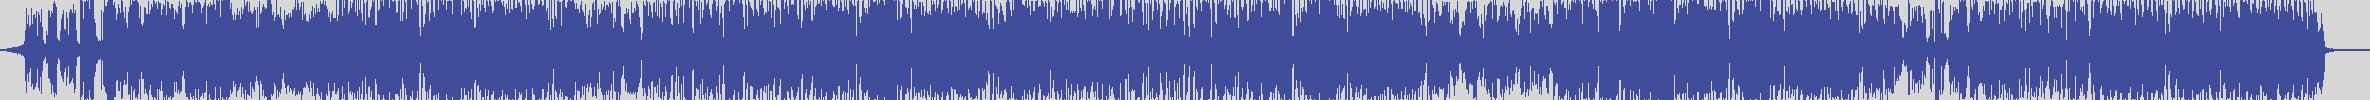 smilax_dig_records [SDR001] Los Amigos - Creacion Perfecta [Original Mix] audio wave form